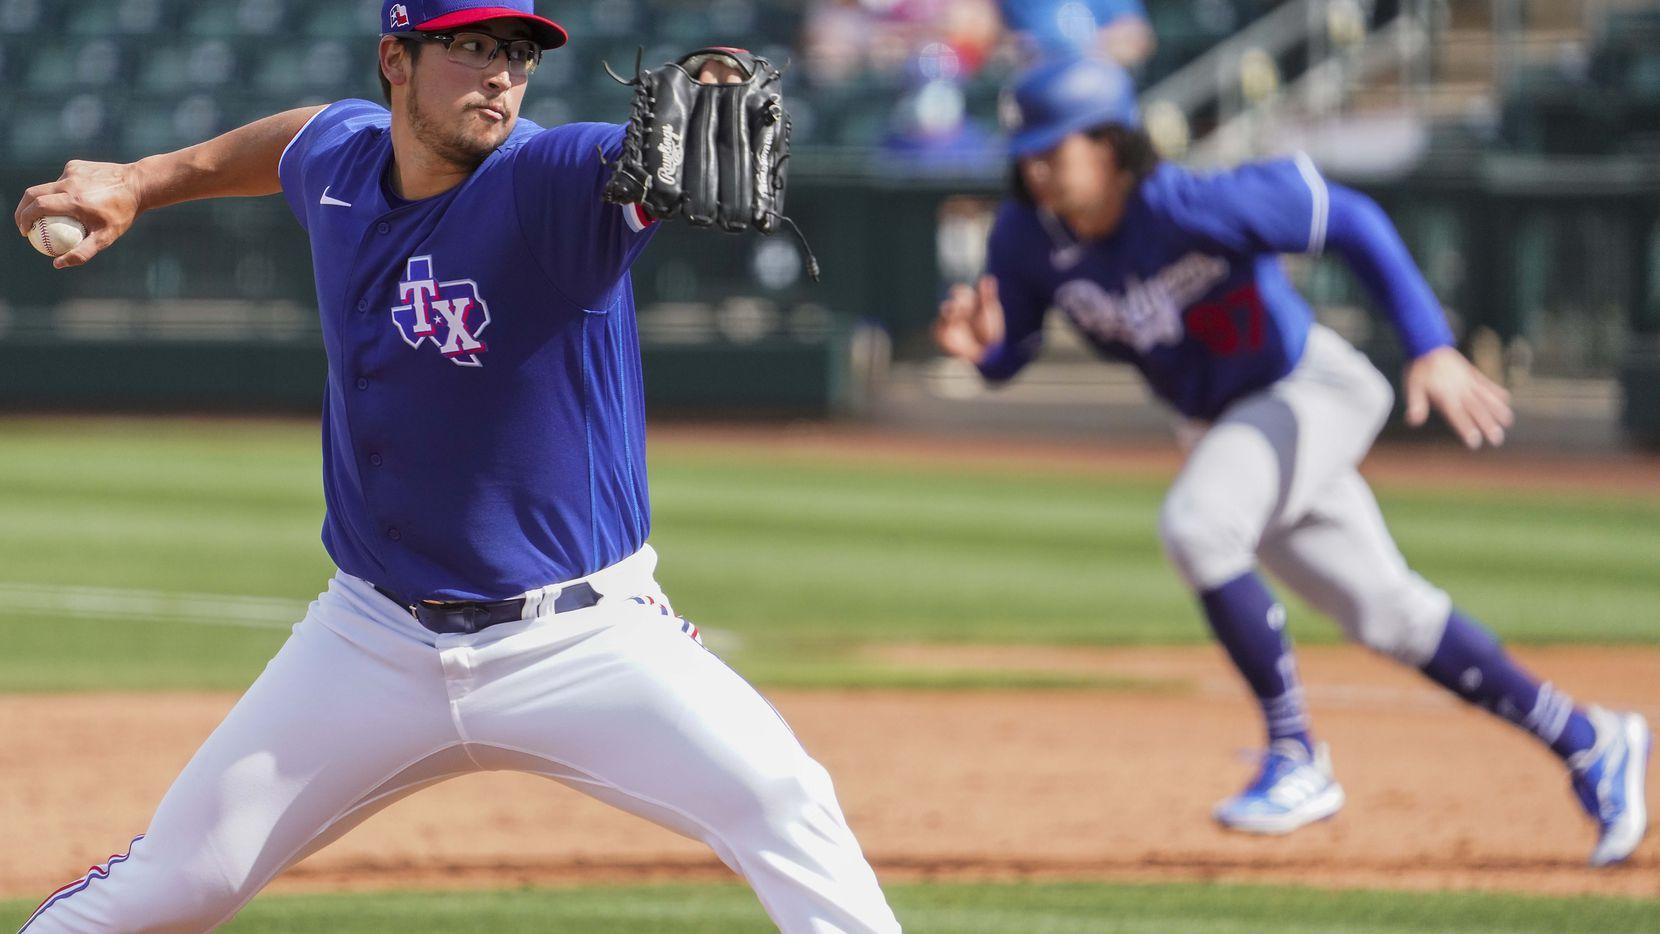 El pitcher de los Rangers de Los Ángeles, Dane Dunning, trabaja en el partido contra los Dodgers de Los Ángeles, el 7 de marzo de 2021 en Surprise, Arizona.